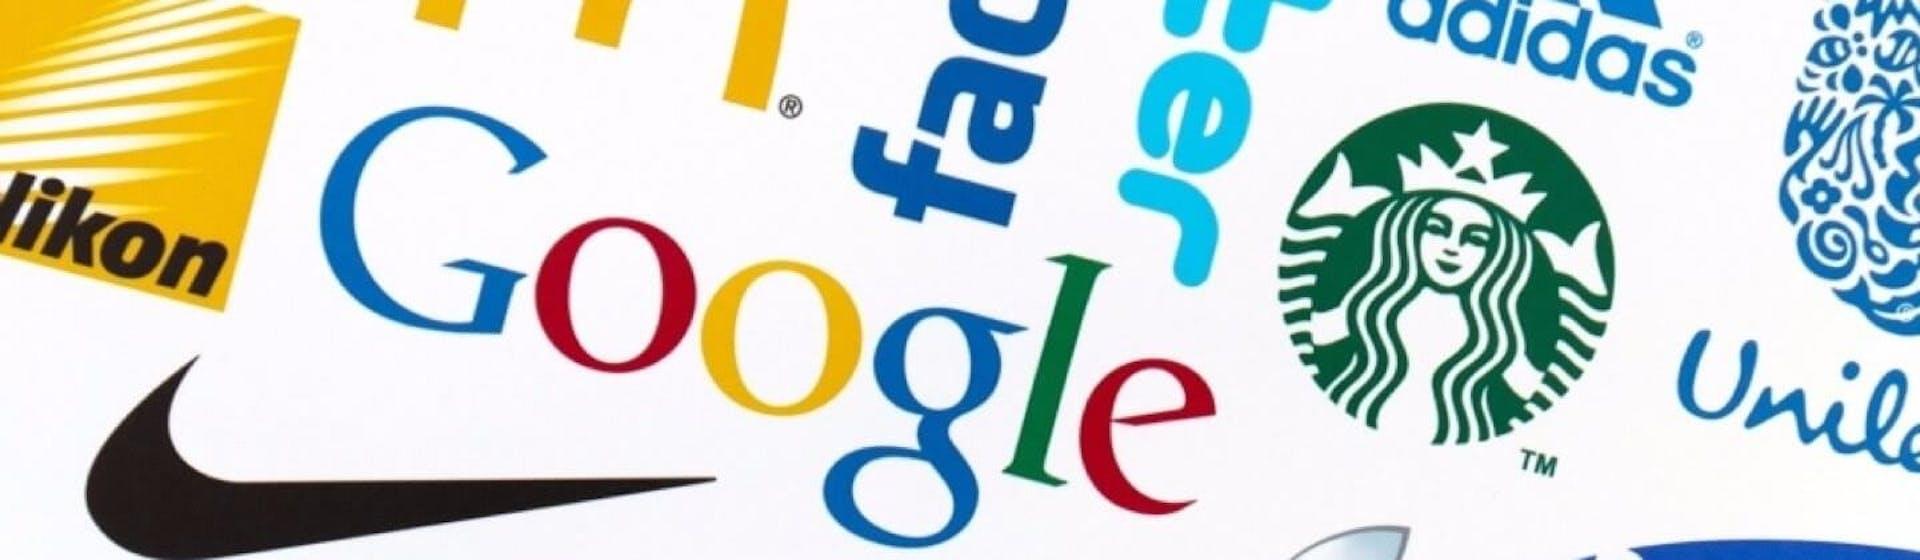 Ejemplos de branding que serán la inspiración ideal para tu negocio